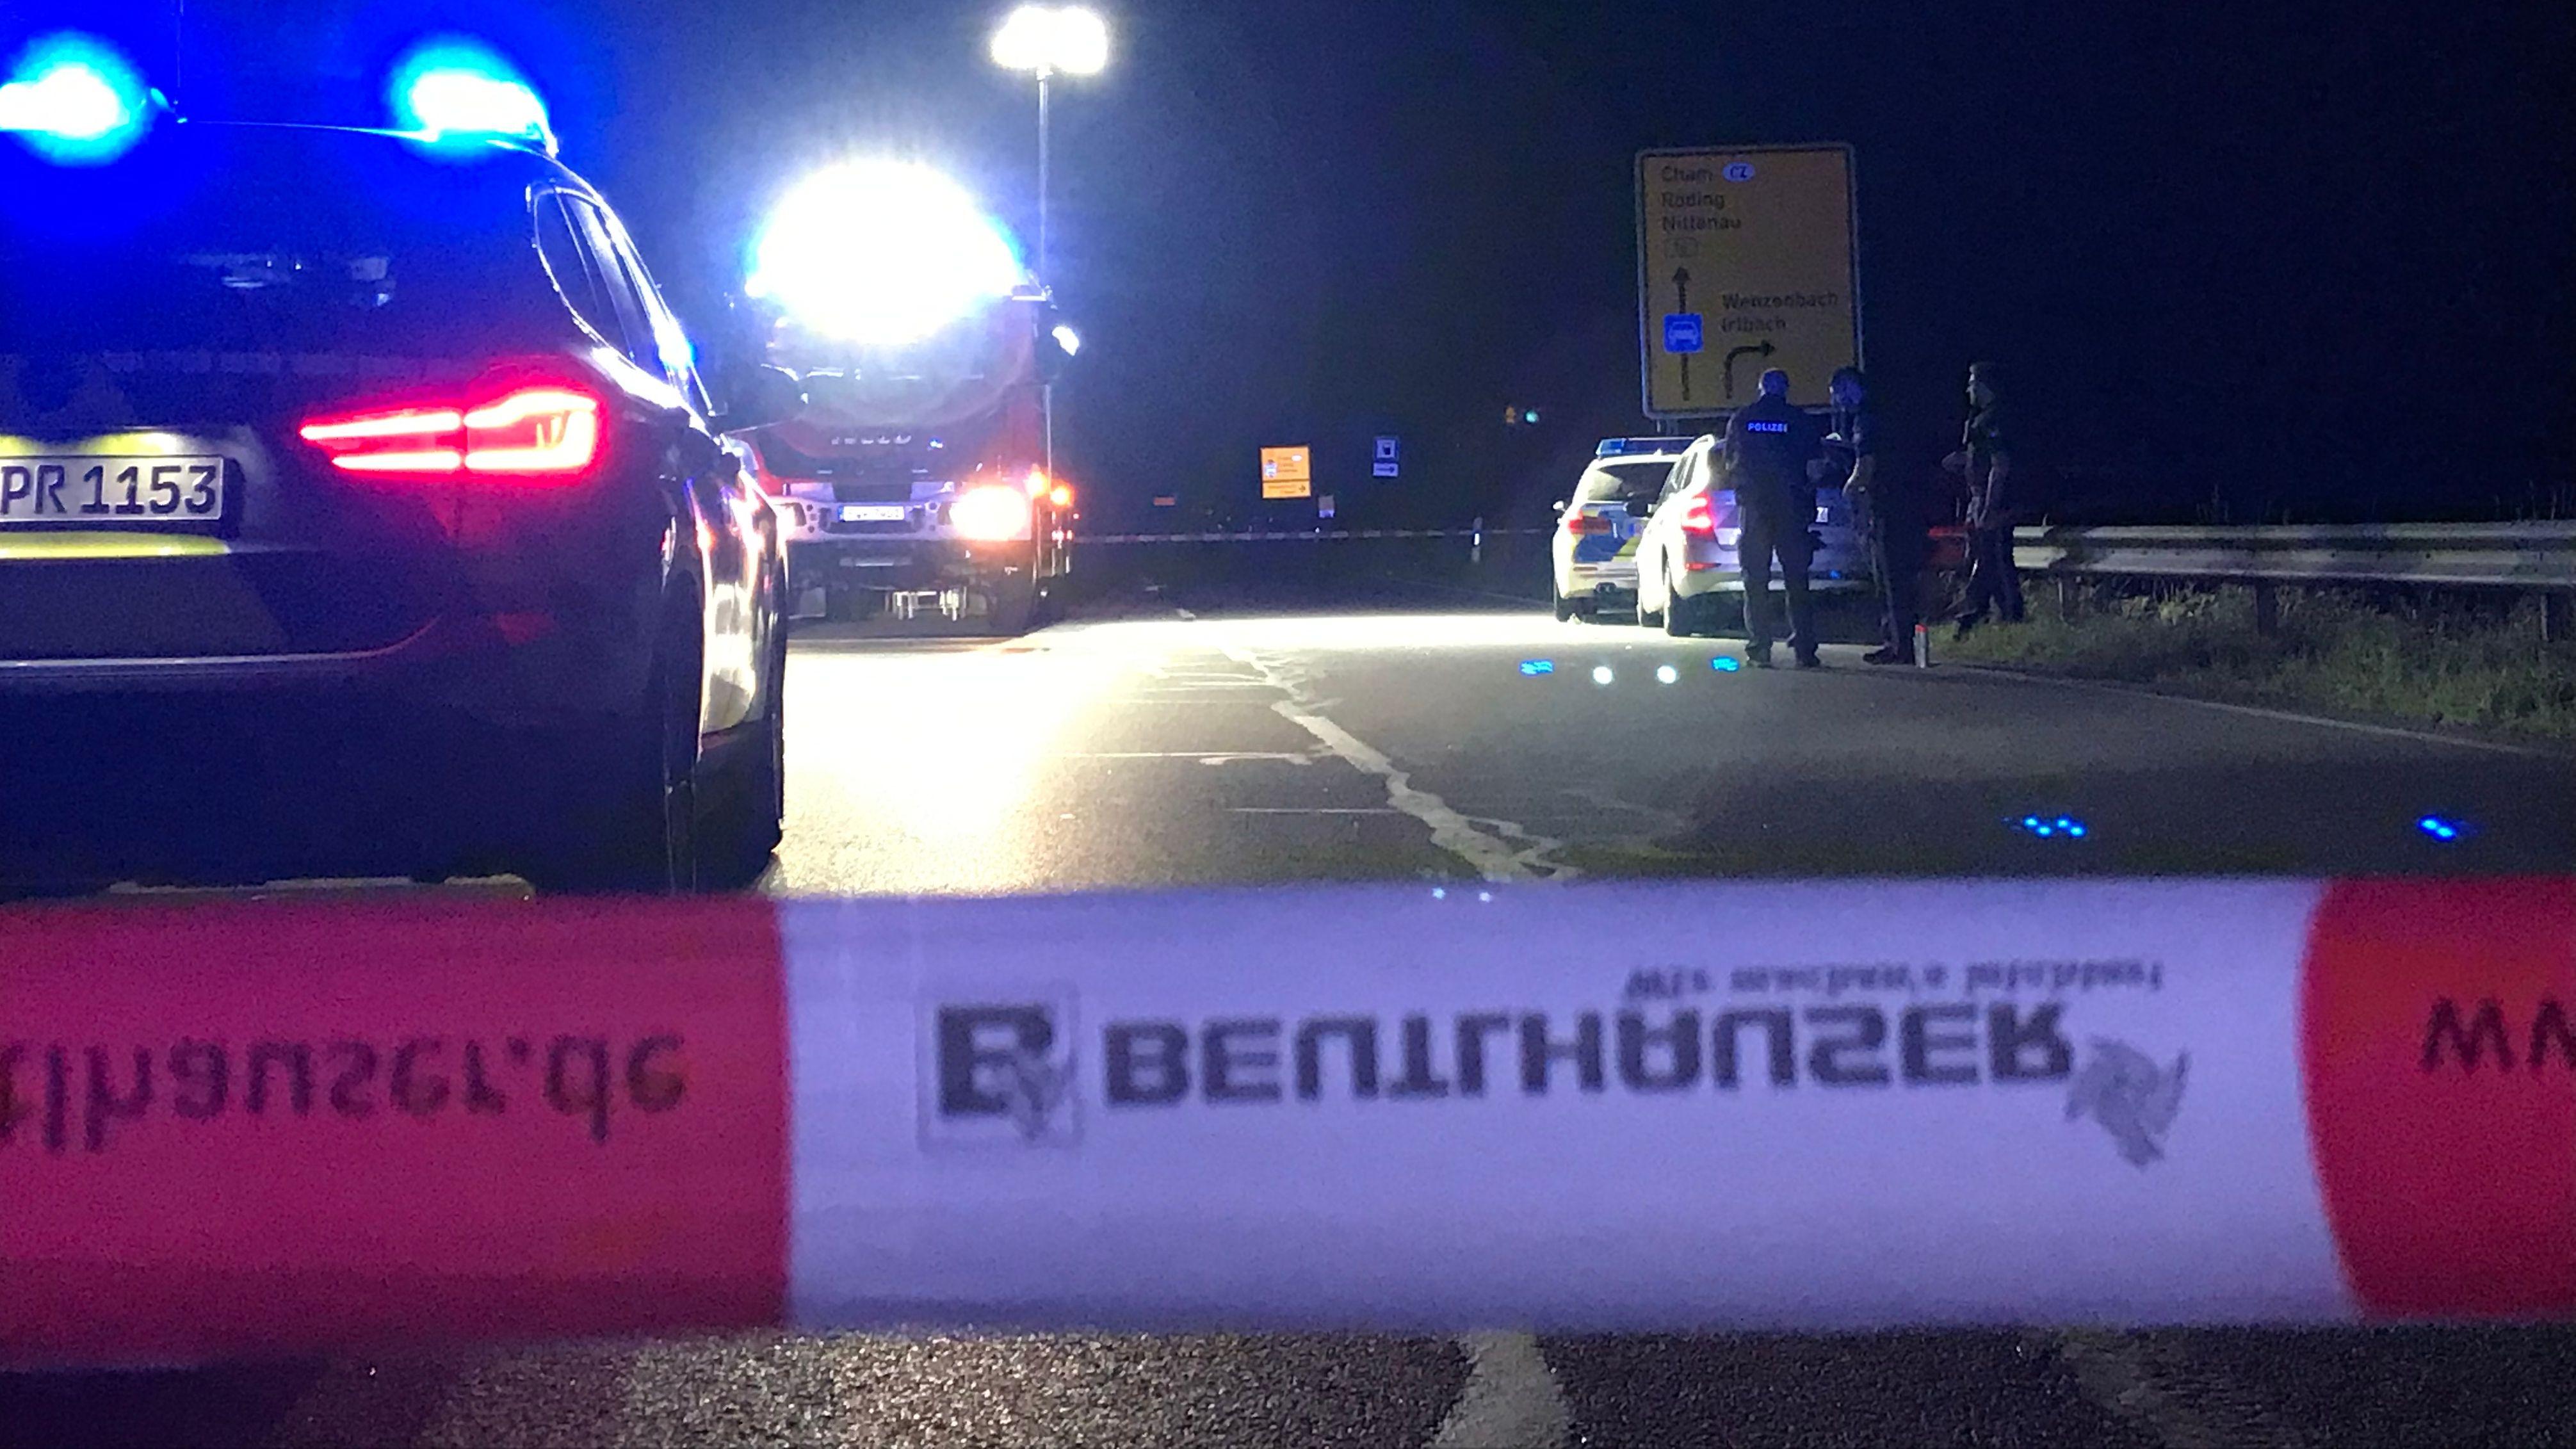 Bei der Verfolgungsjagd bei Wenzenbach wurden zwei Polizisten leicht verletzt.